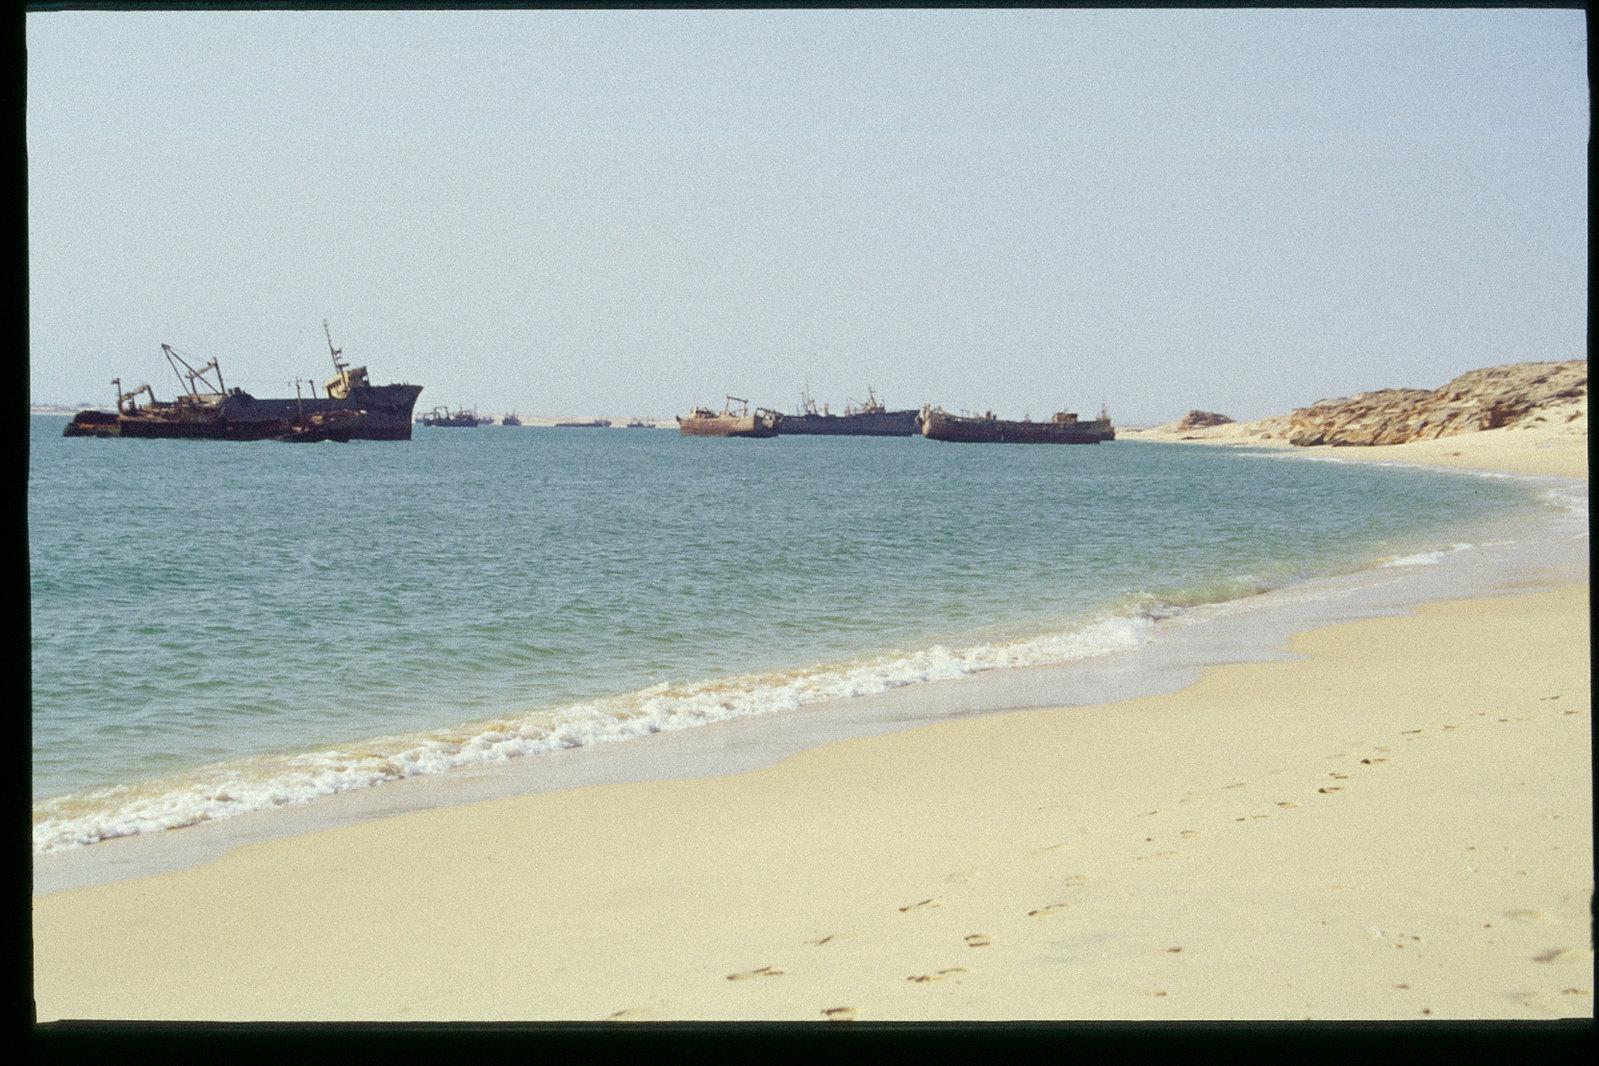 Mauritanie - Banc d'Arguin - Le cimetière des bateaux